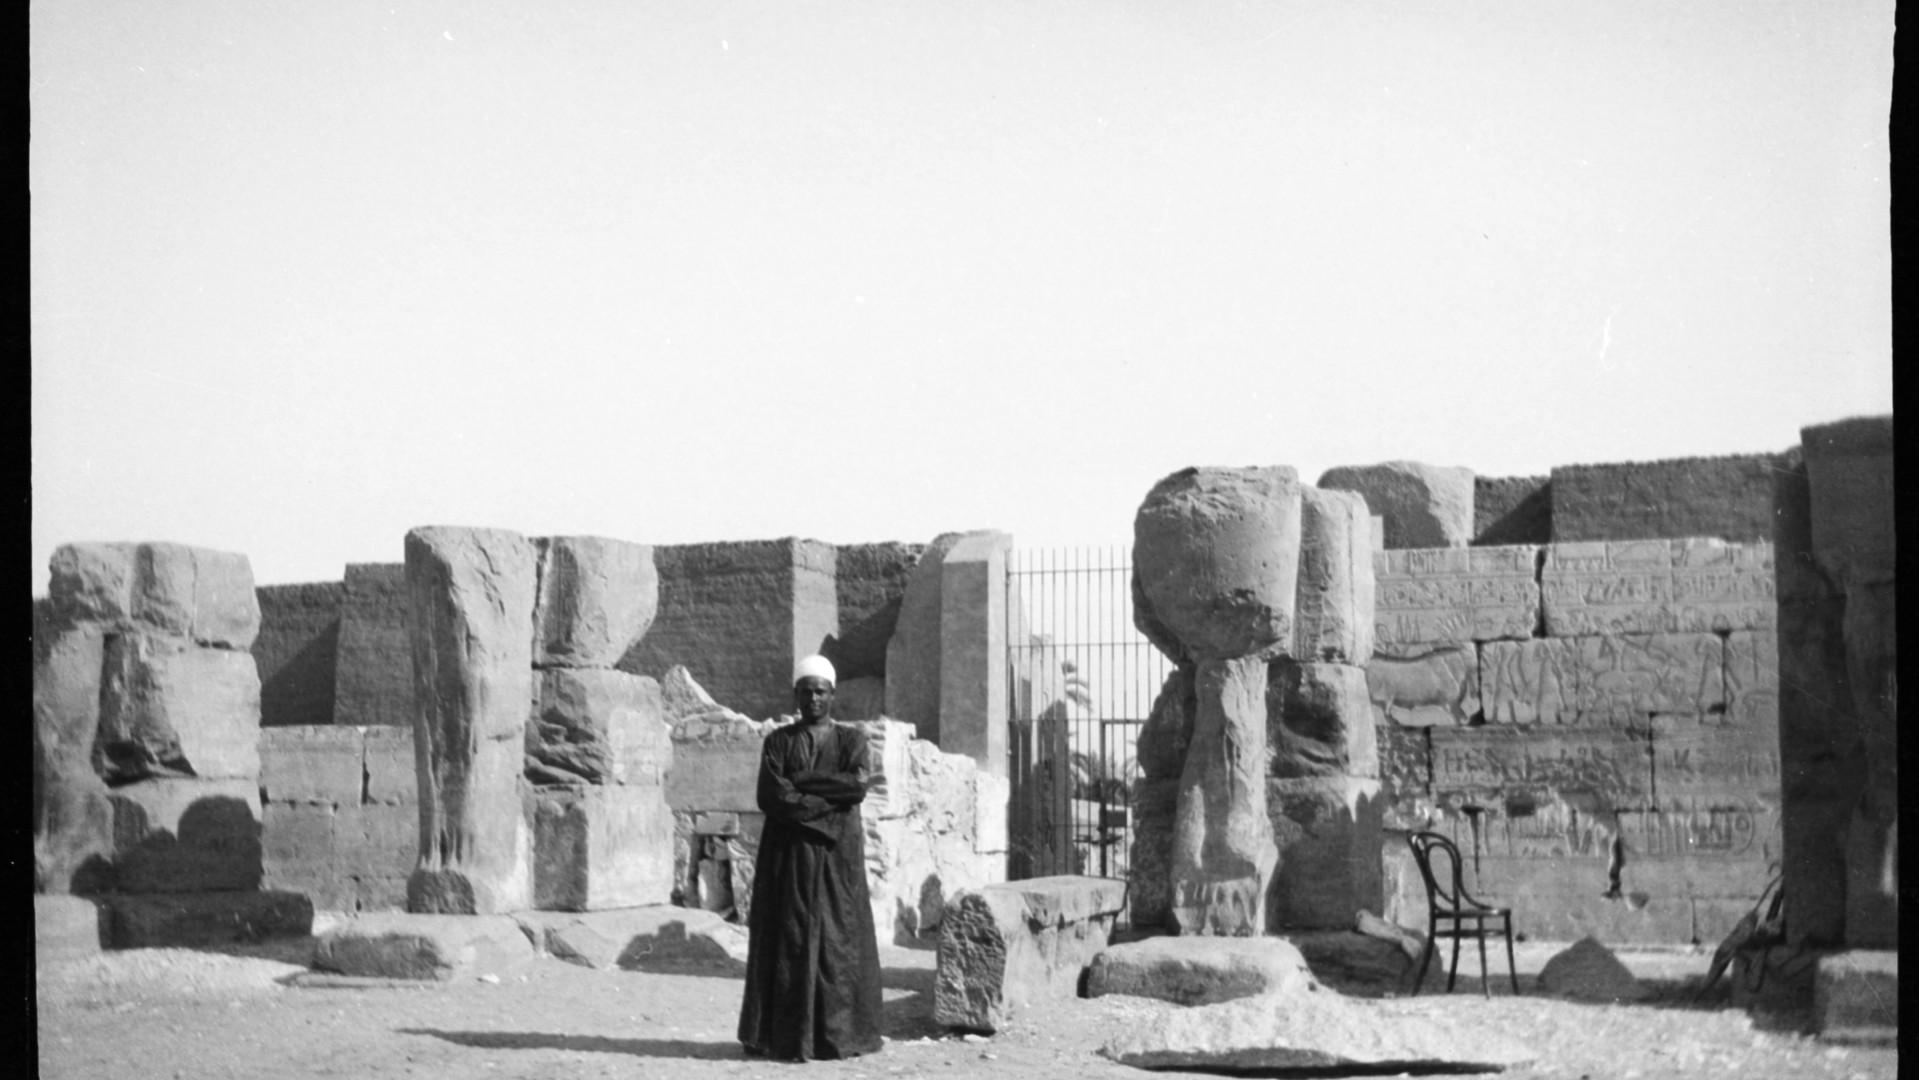 Marguerite Naville : temple de Ramsès II à Abydos (négatif) © Musée d'art et d'histoire de la Ville de Genève, inv. A 2006-0030-055-033